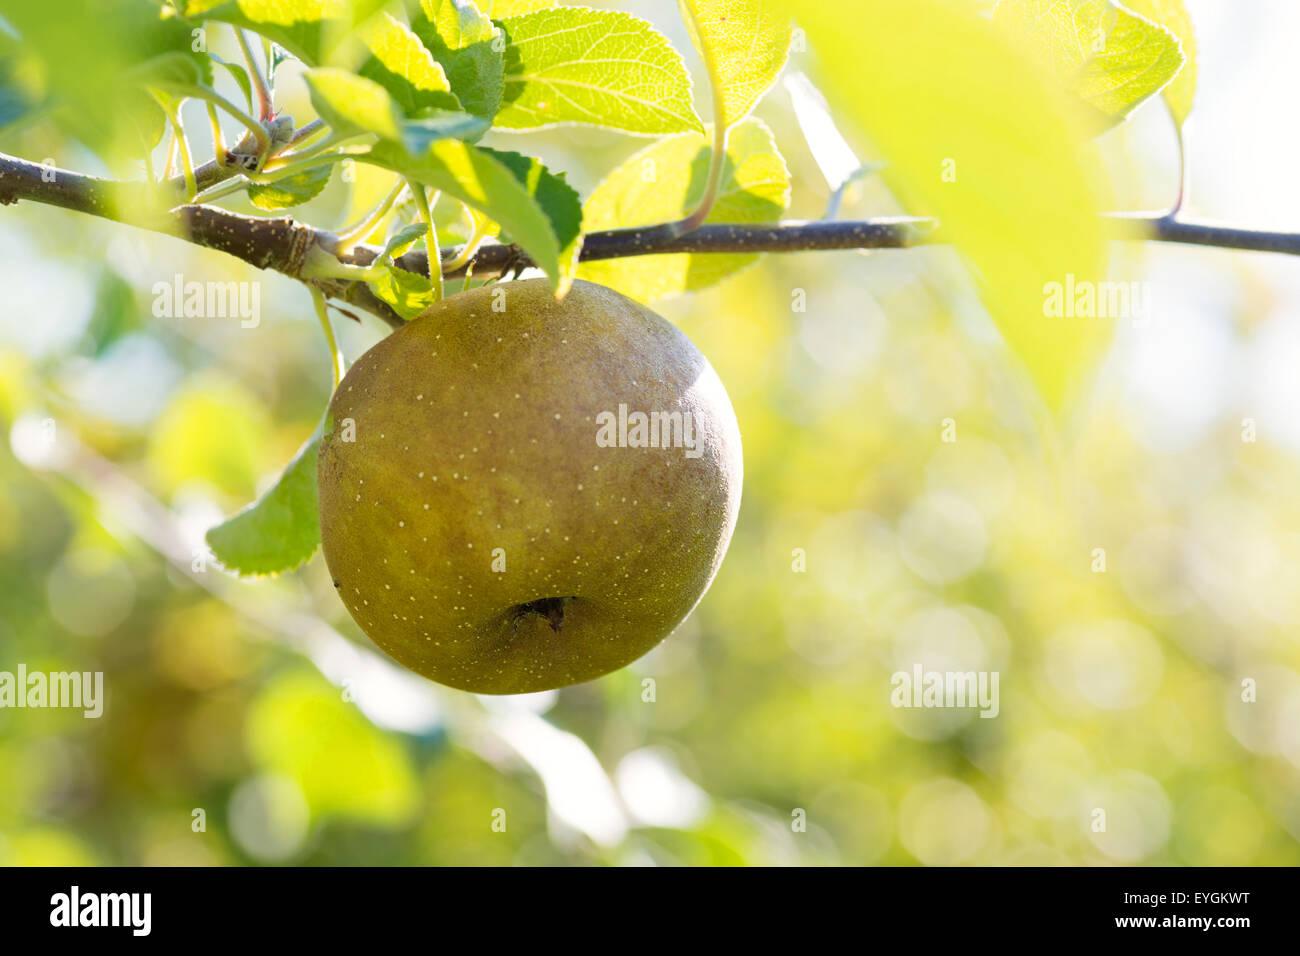 Die Sonne strahlte durch einen Obstgarten mehlige Äpfel. Stockbild